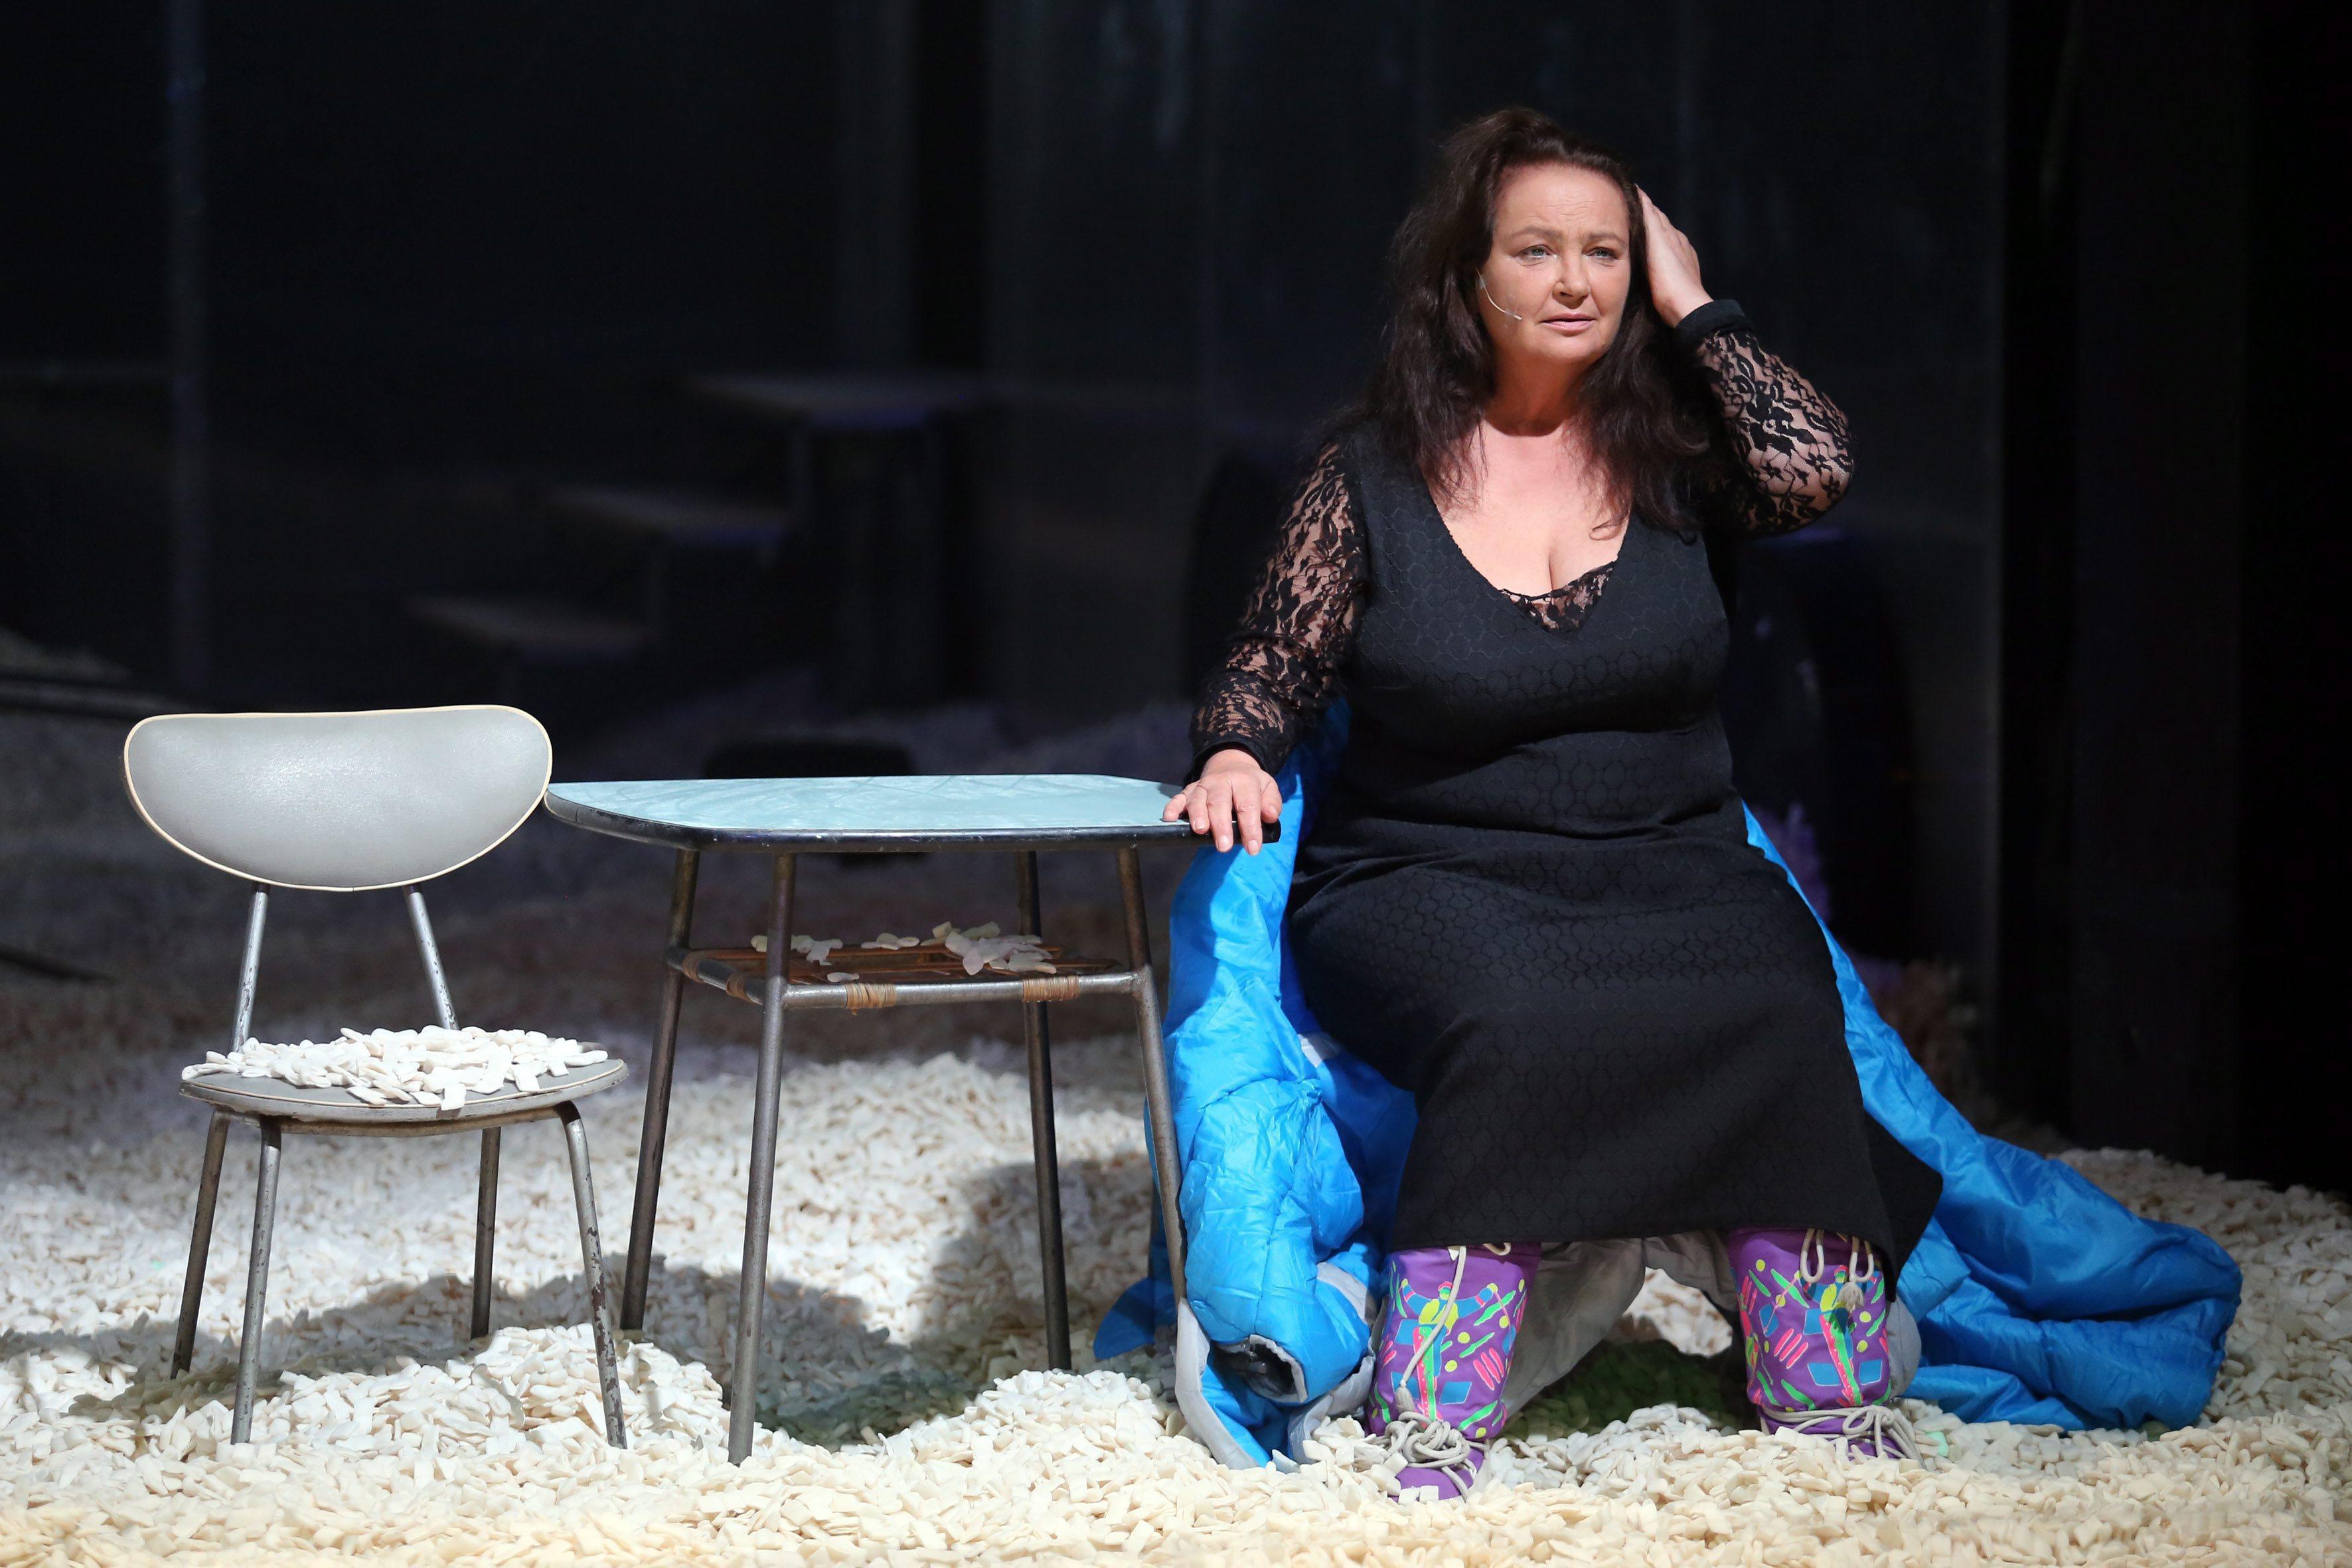 Anna Dymna podczas próby spektaklu 'Stara kobieta wysiaduje' Tadeusza Różewicza w reżyserii Marcina Libery (fot. Mateusz Skwarczek / Agencja Gazeta)